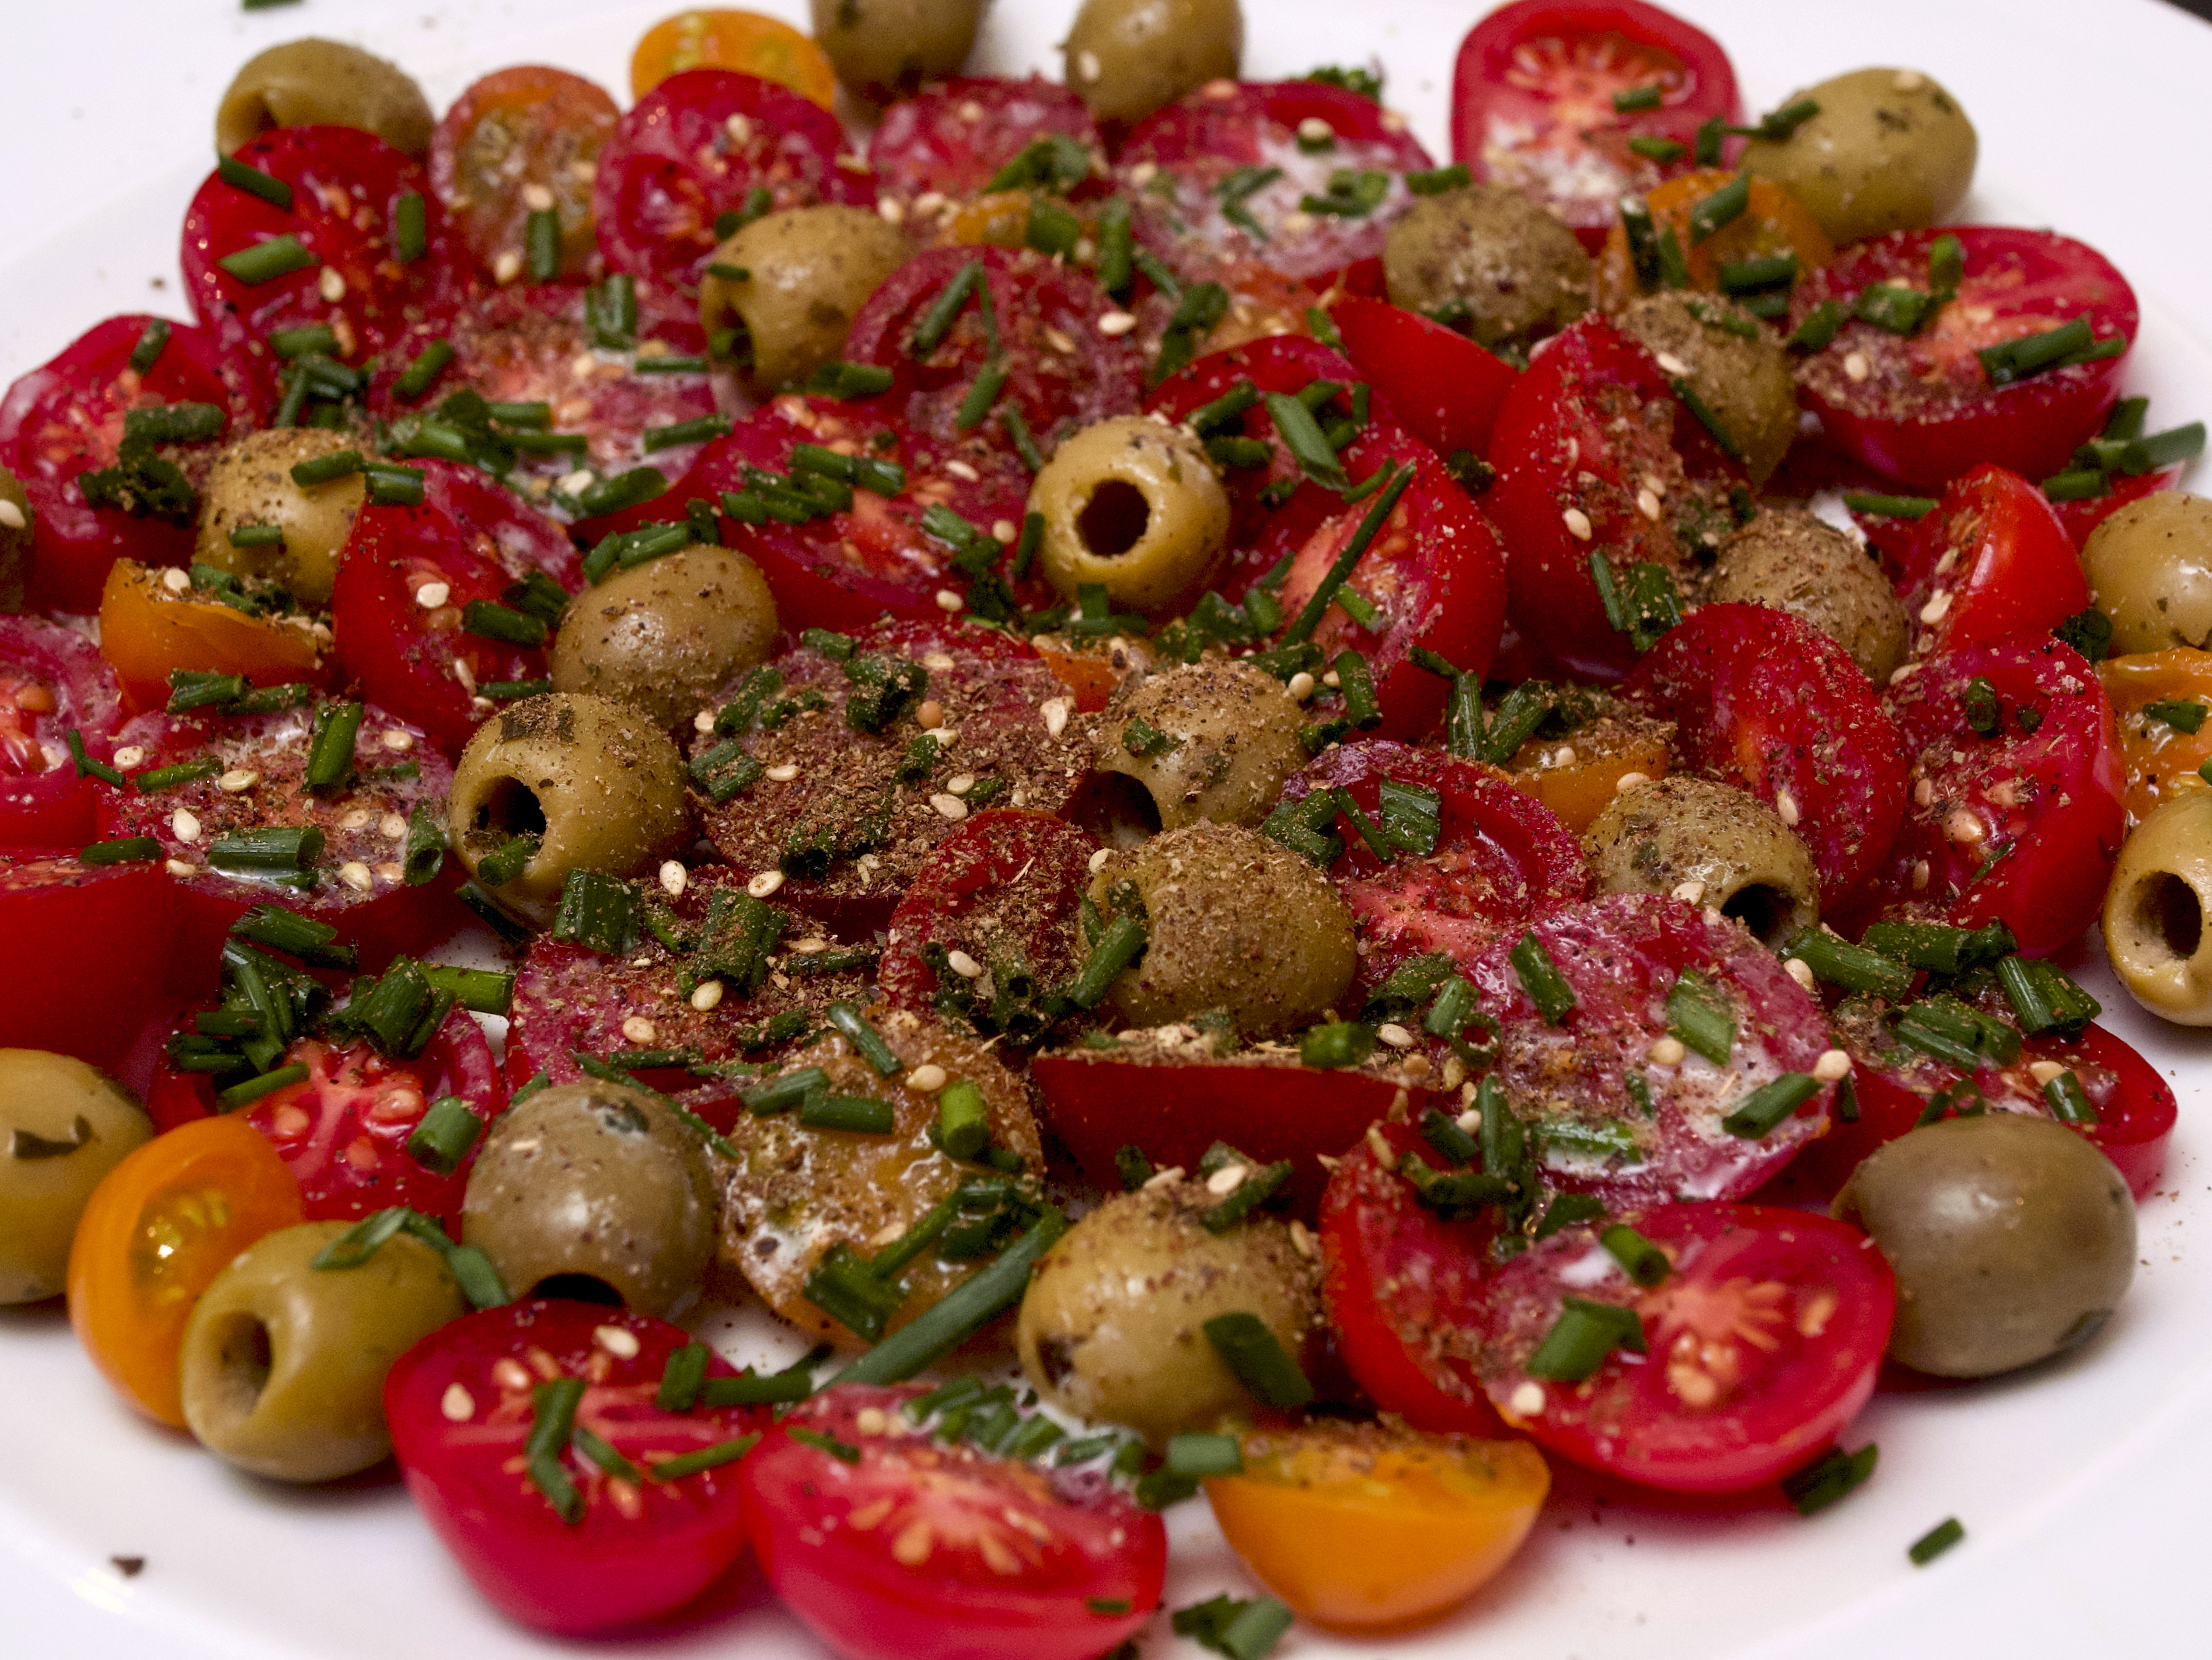 Tomato & Olive Salad